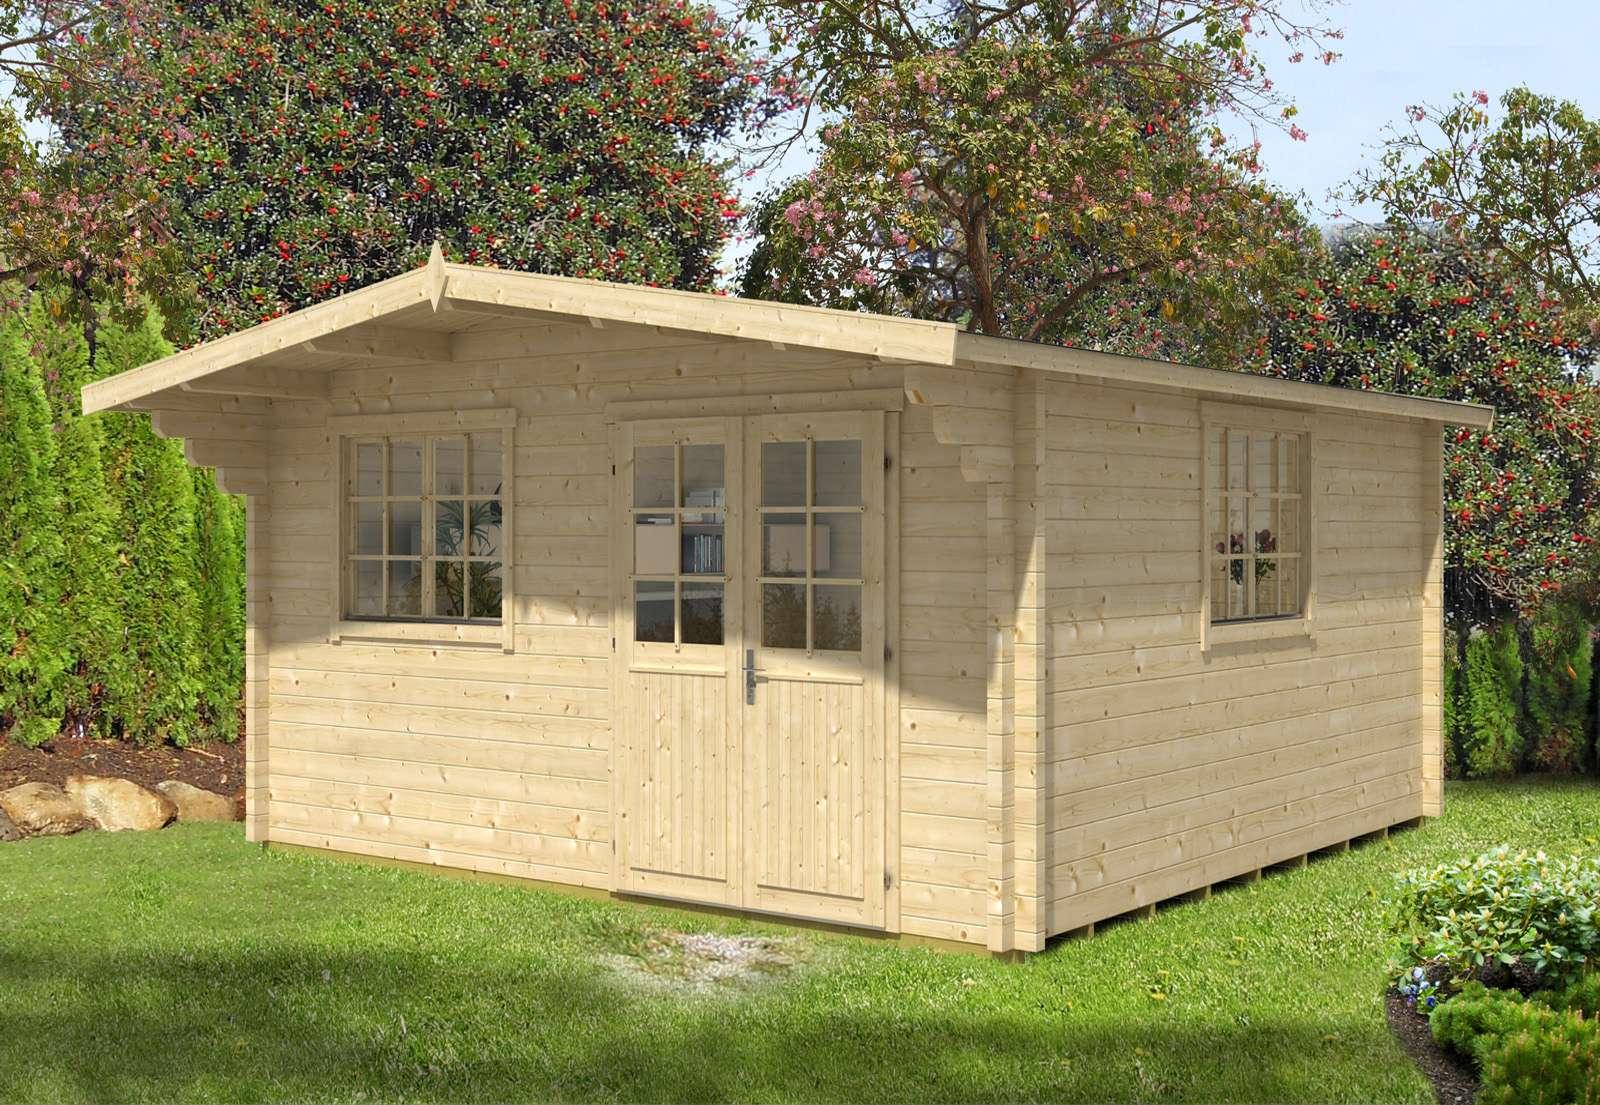 gartenhaus fr kinder great brhl with gartenhaus fr kinder. Black Bedroom Furniture Sets. Home Design Ideas